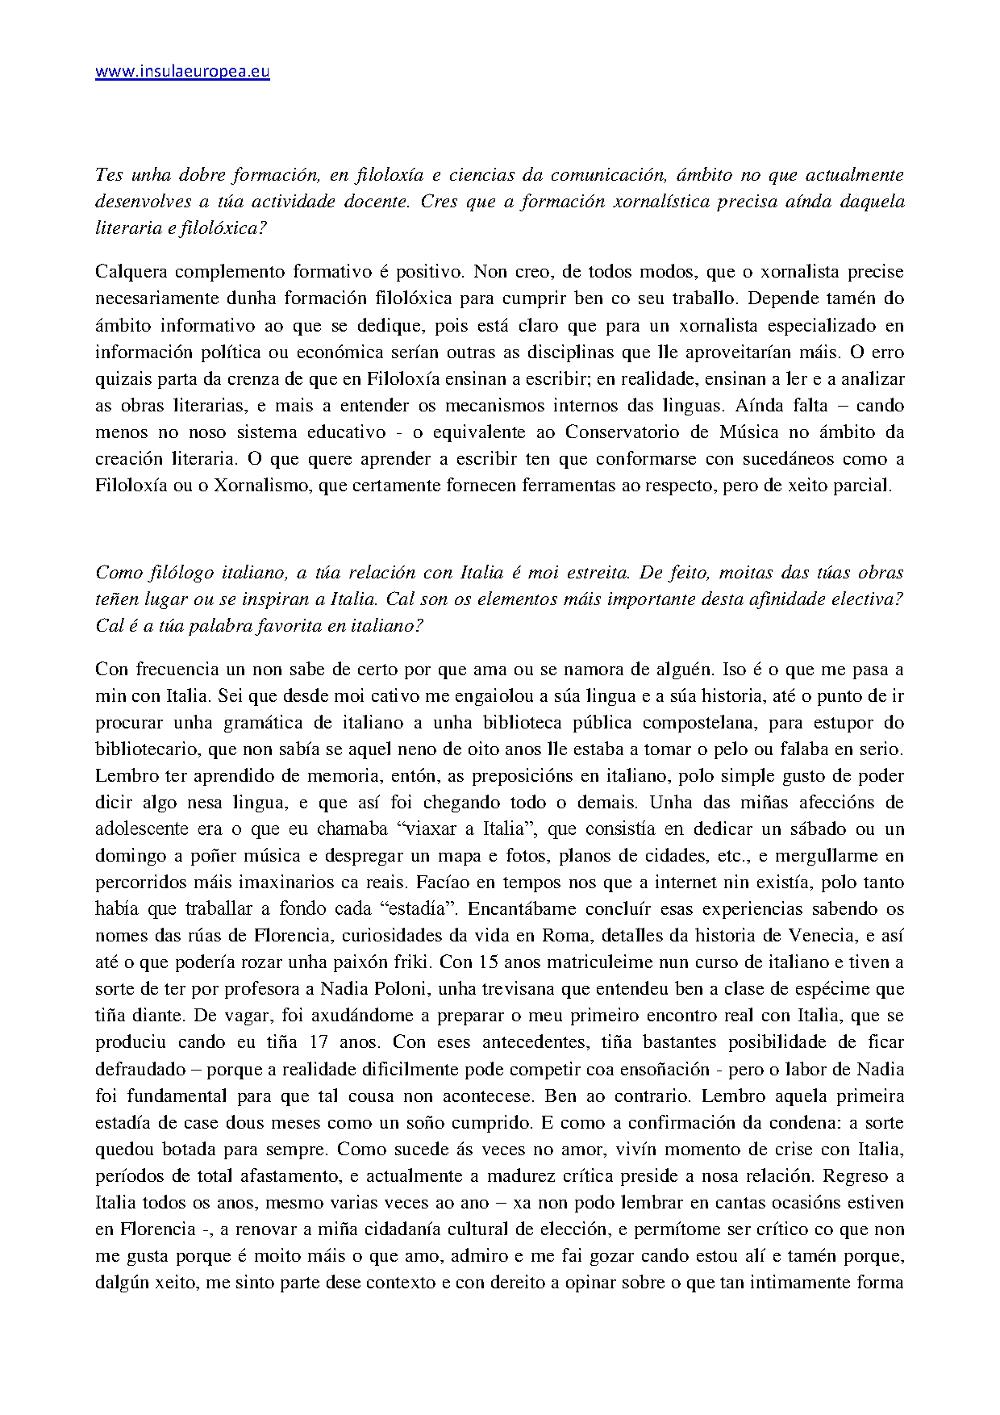 paone-neira-cruz-2